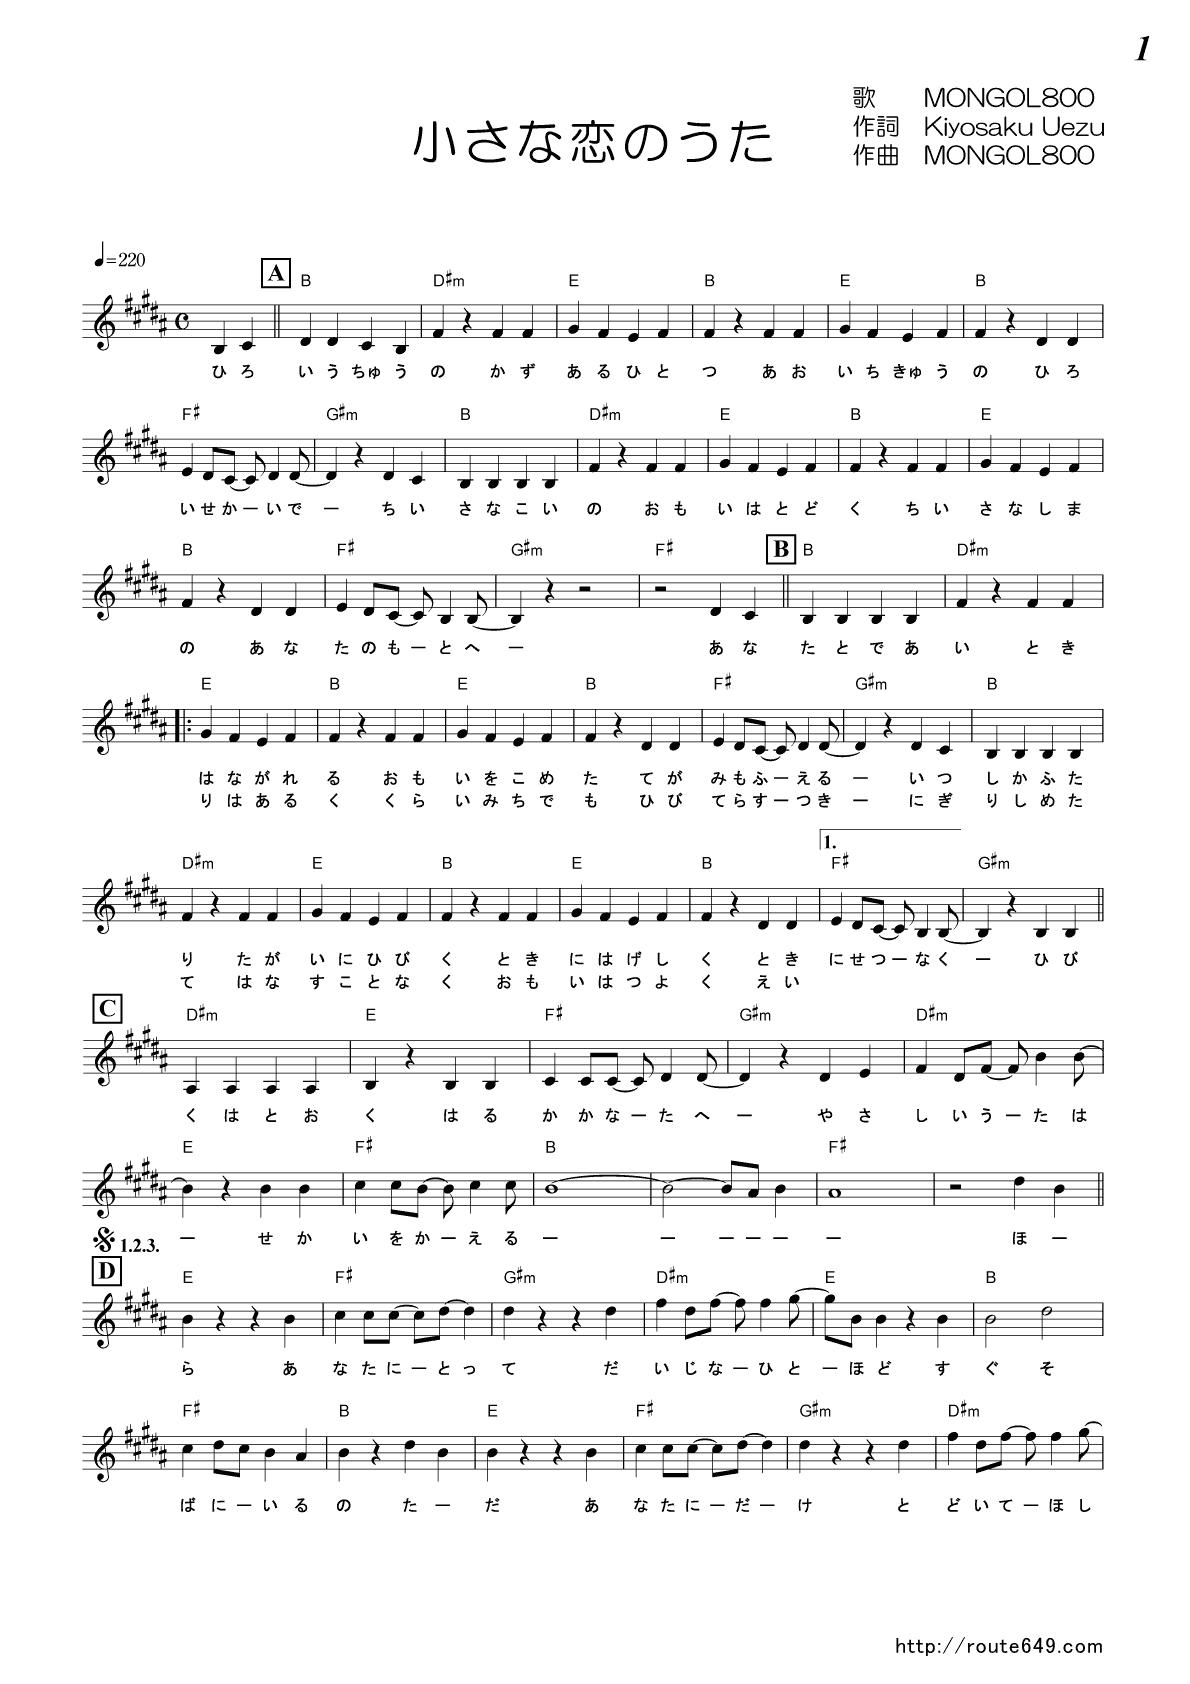 うた 小さな 歌詞 の 恋 MONGOL800「小さな恋のうた」が奏でる2人の思いとは?